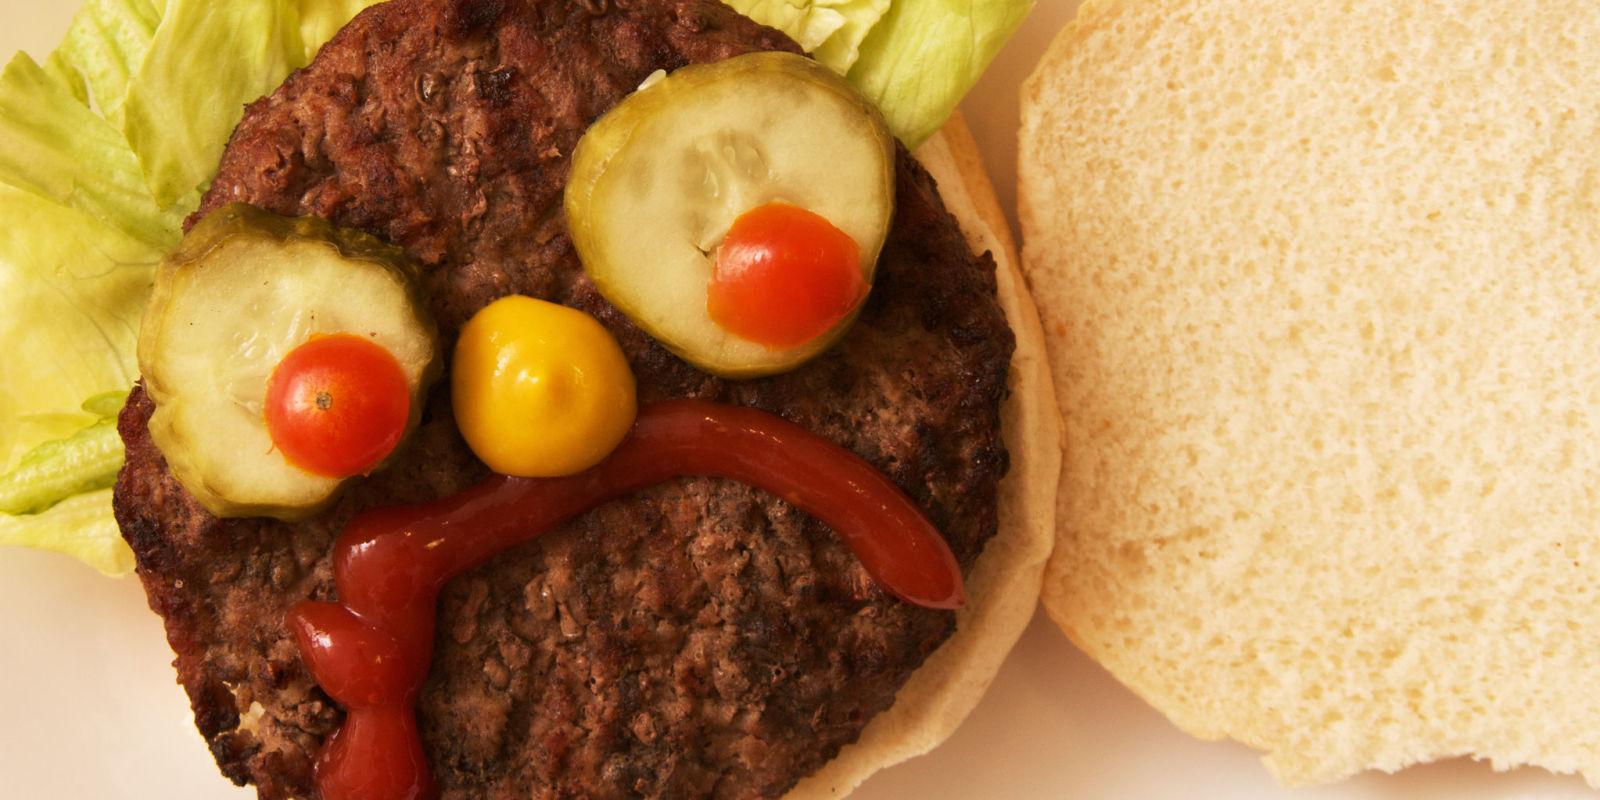 slow food versus fast food